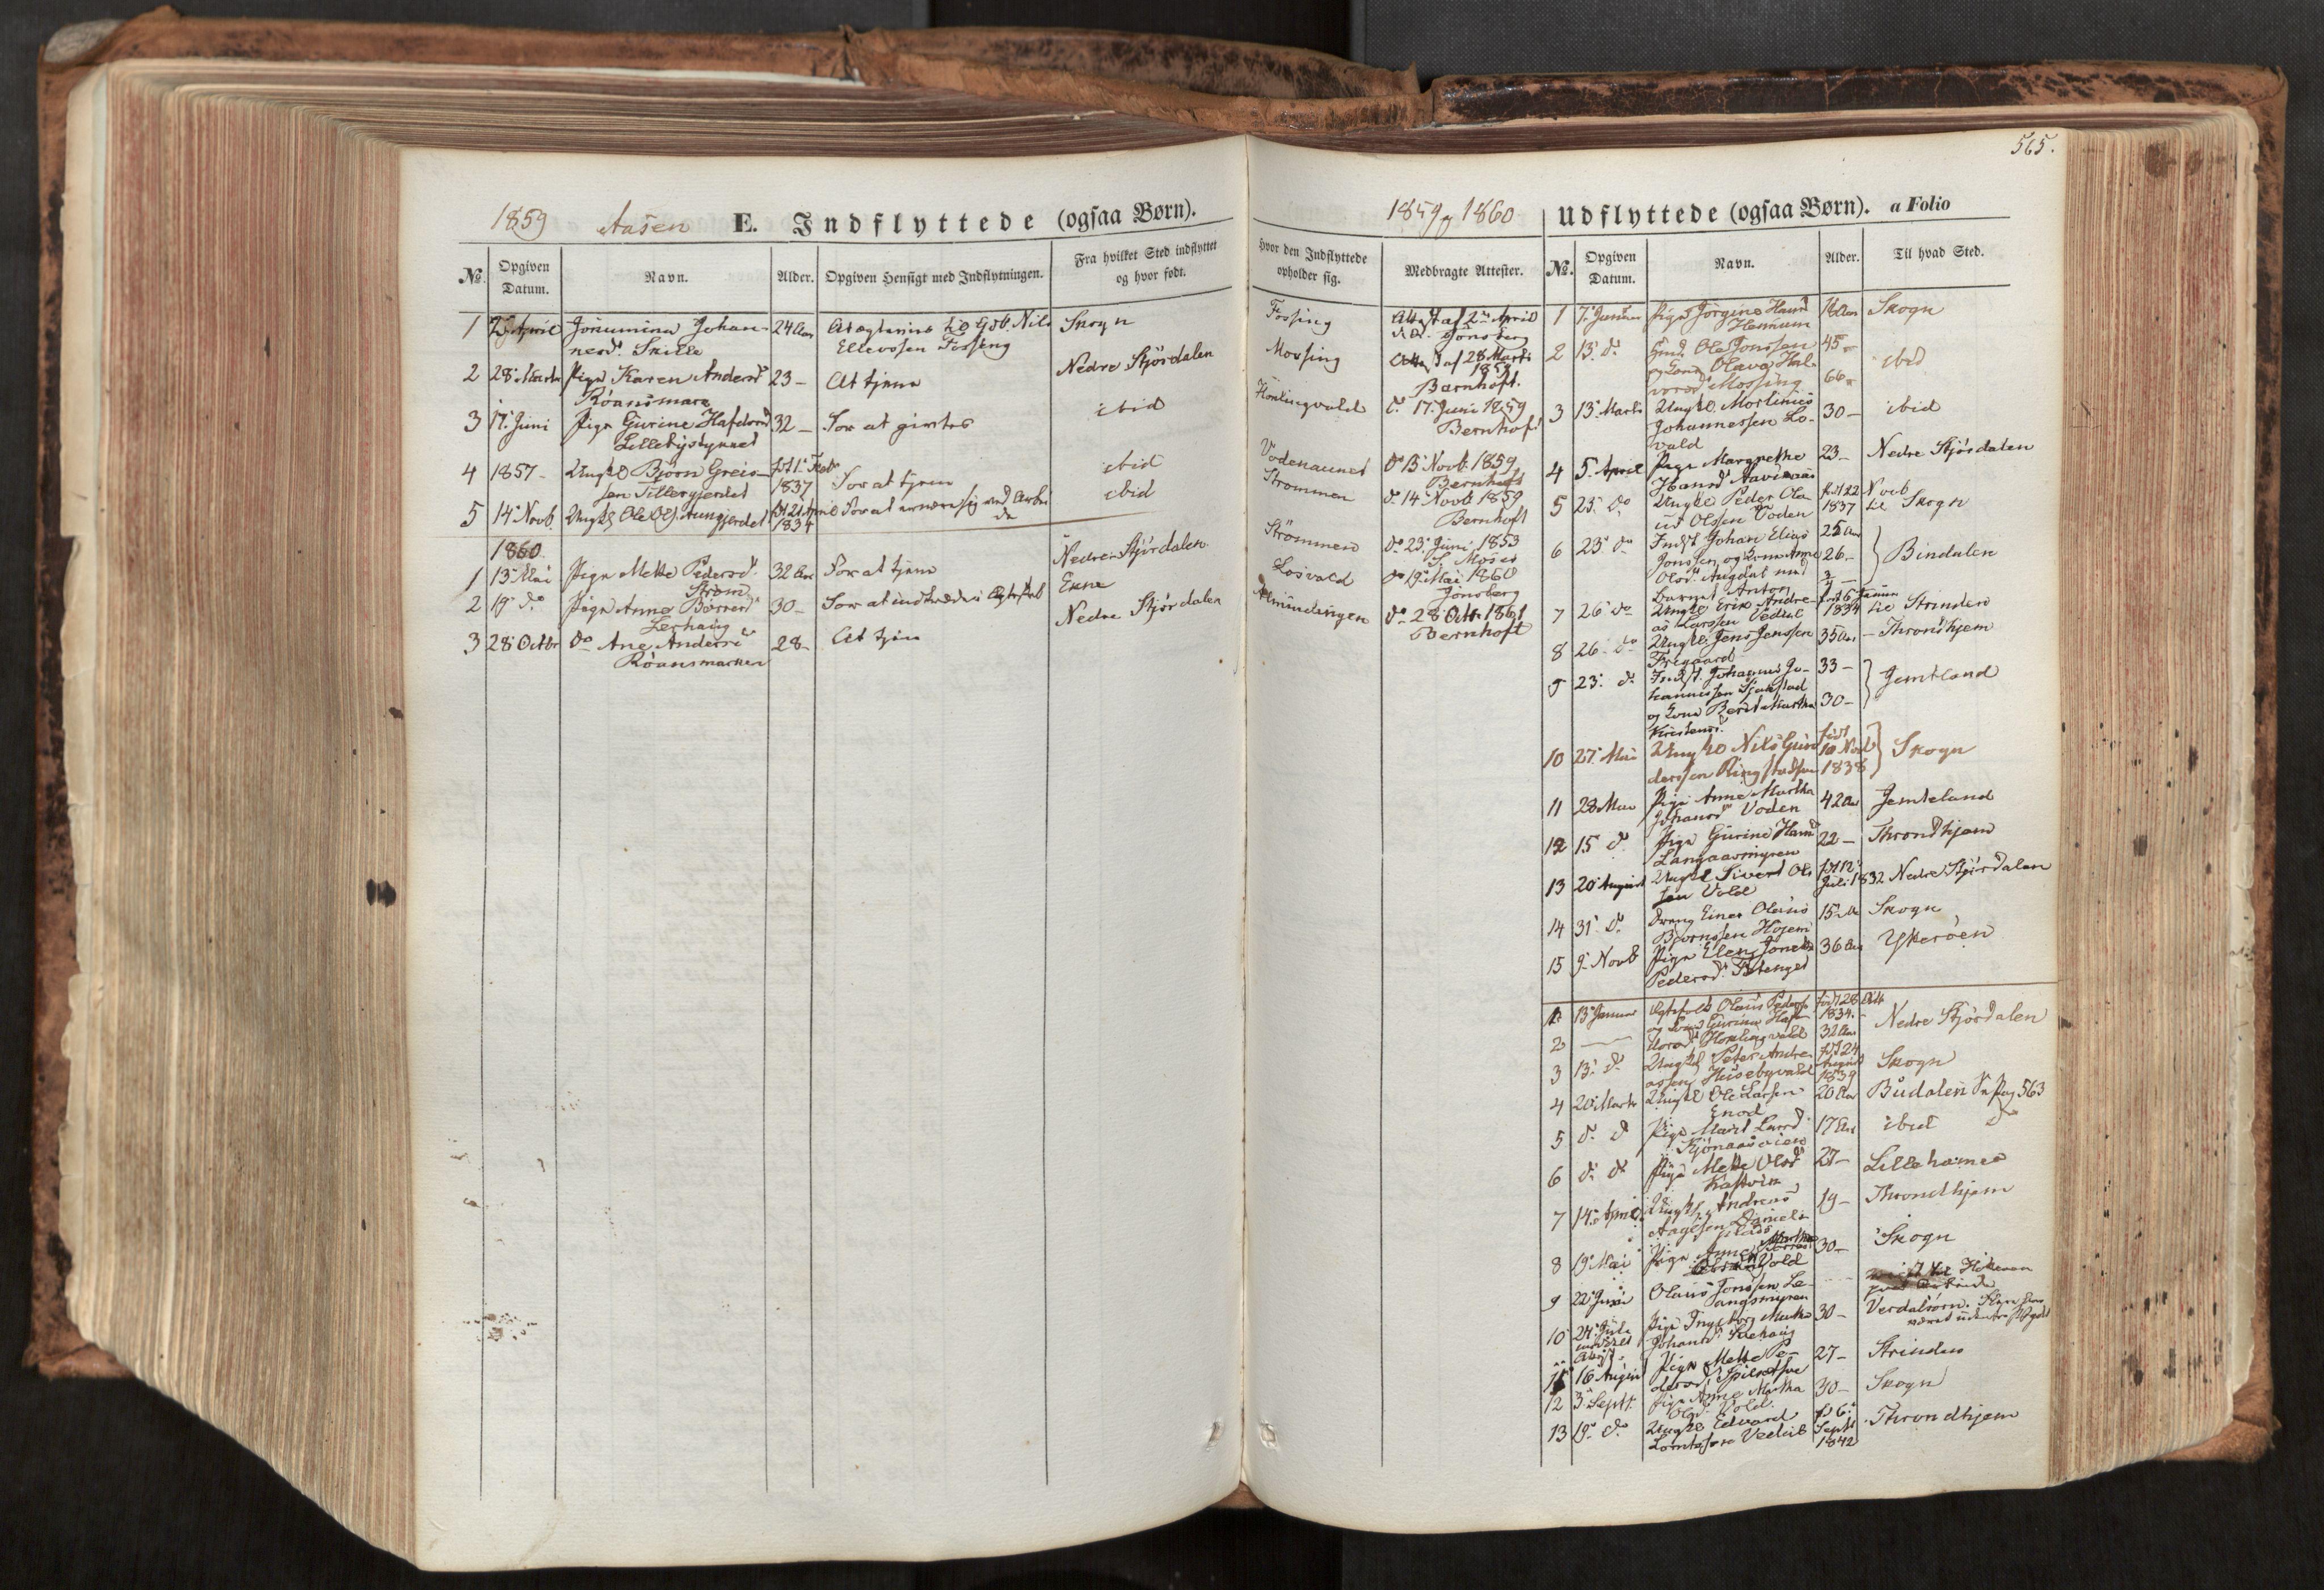 SAT, Ministerialprotokoller, klokkerbøker og fødselsregistre - Nord-Trøndelag, 713/L0116: Ministerialbok nr. 713A07, 1850-1877, s. 565